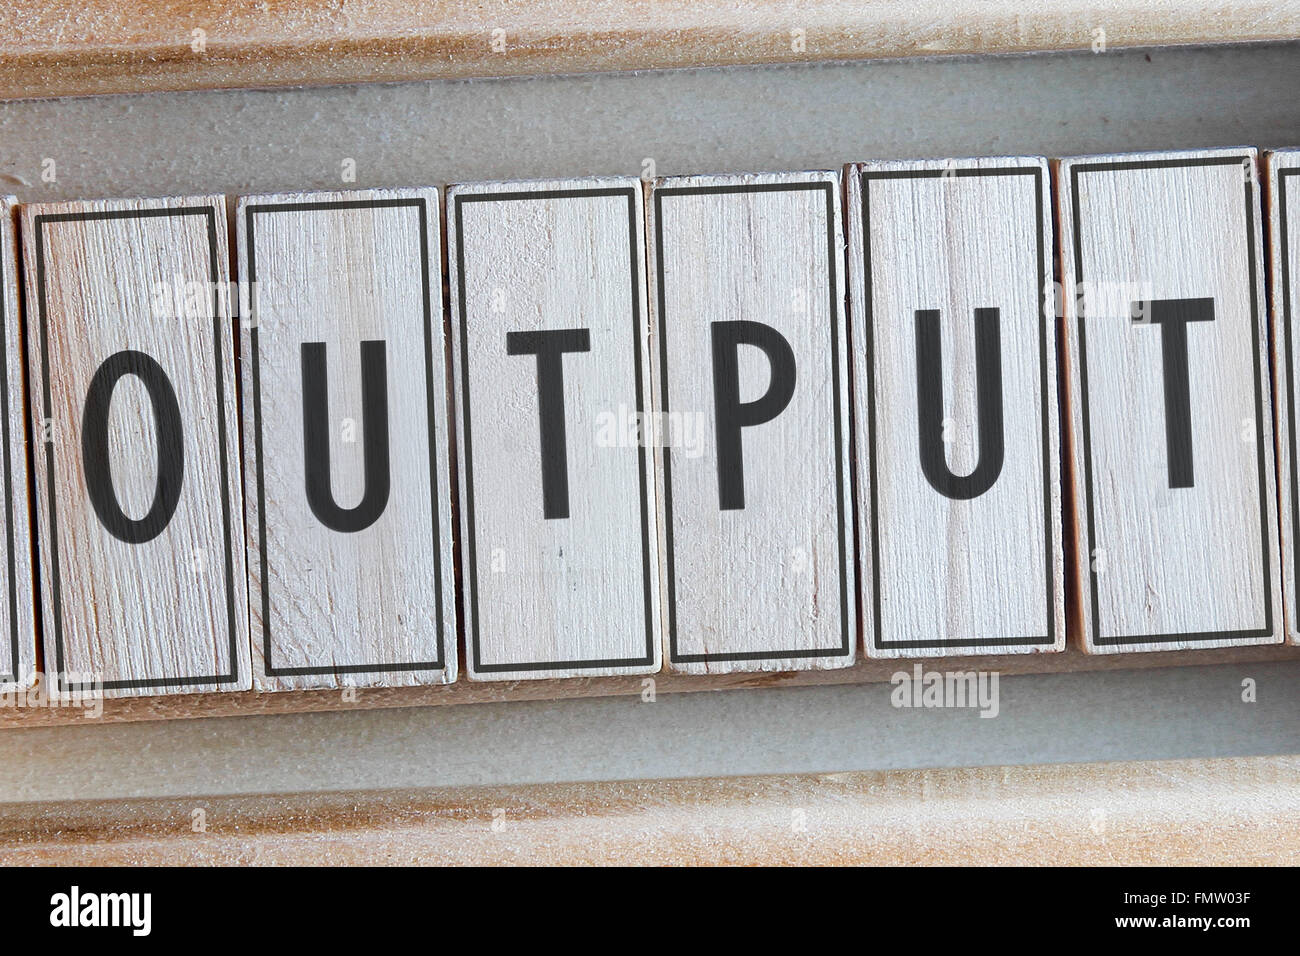 Ausgangswort geschrieben auf Holz Stockbild